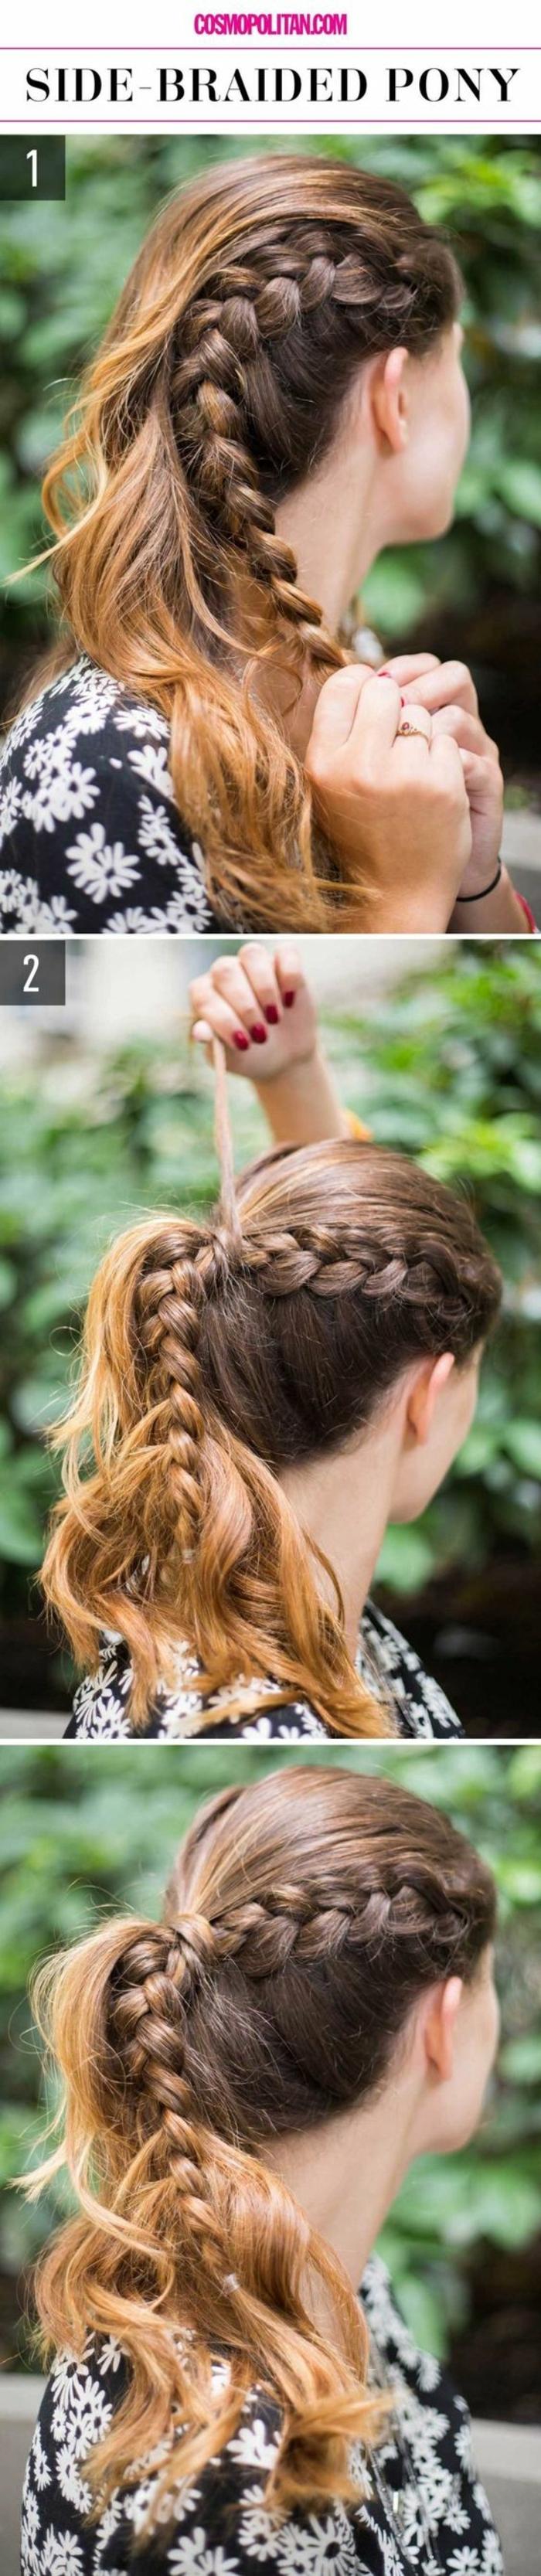 tresse collée attachée avec le reste des cheveux, longs cheveux